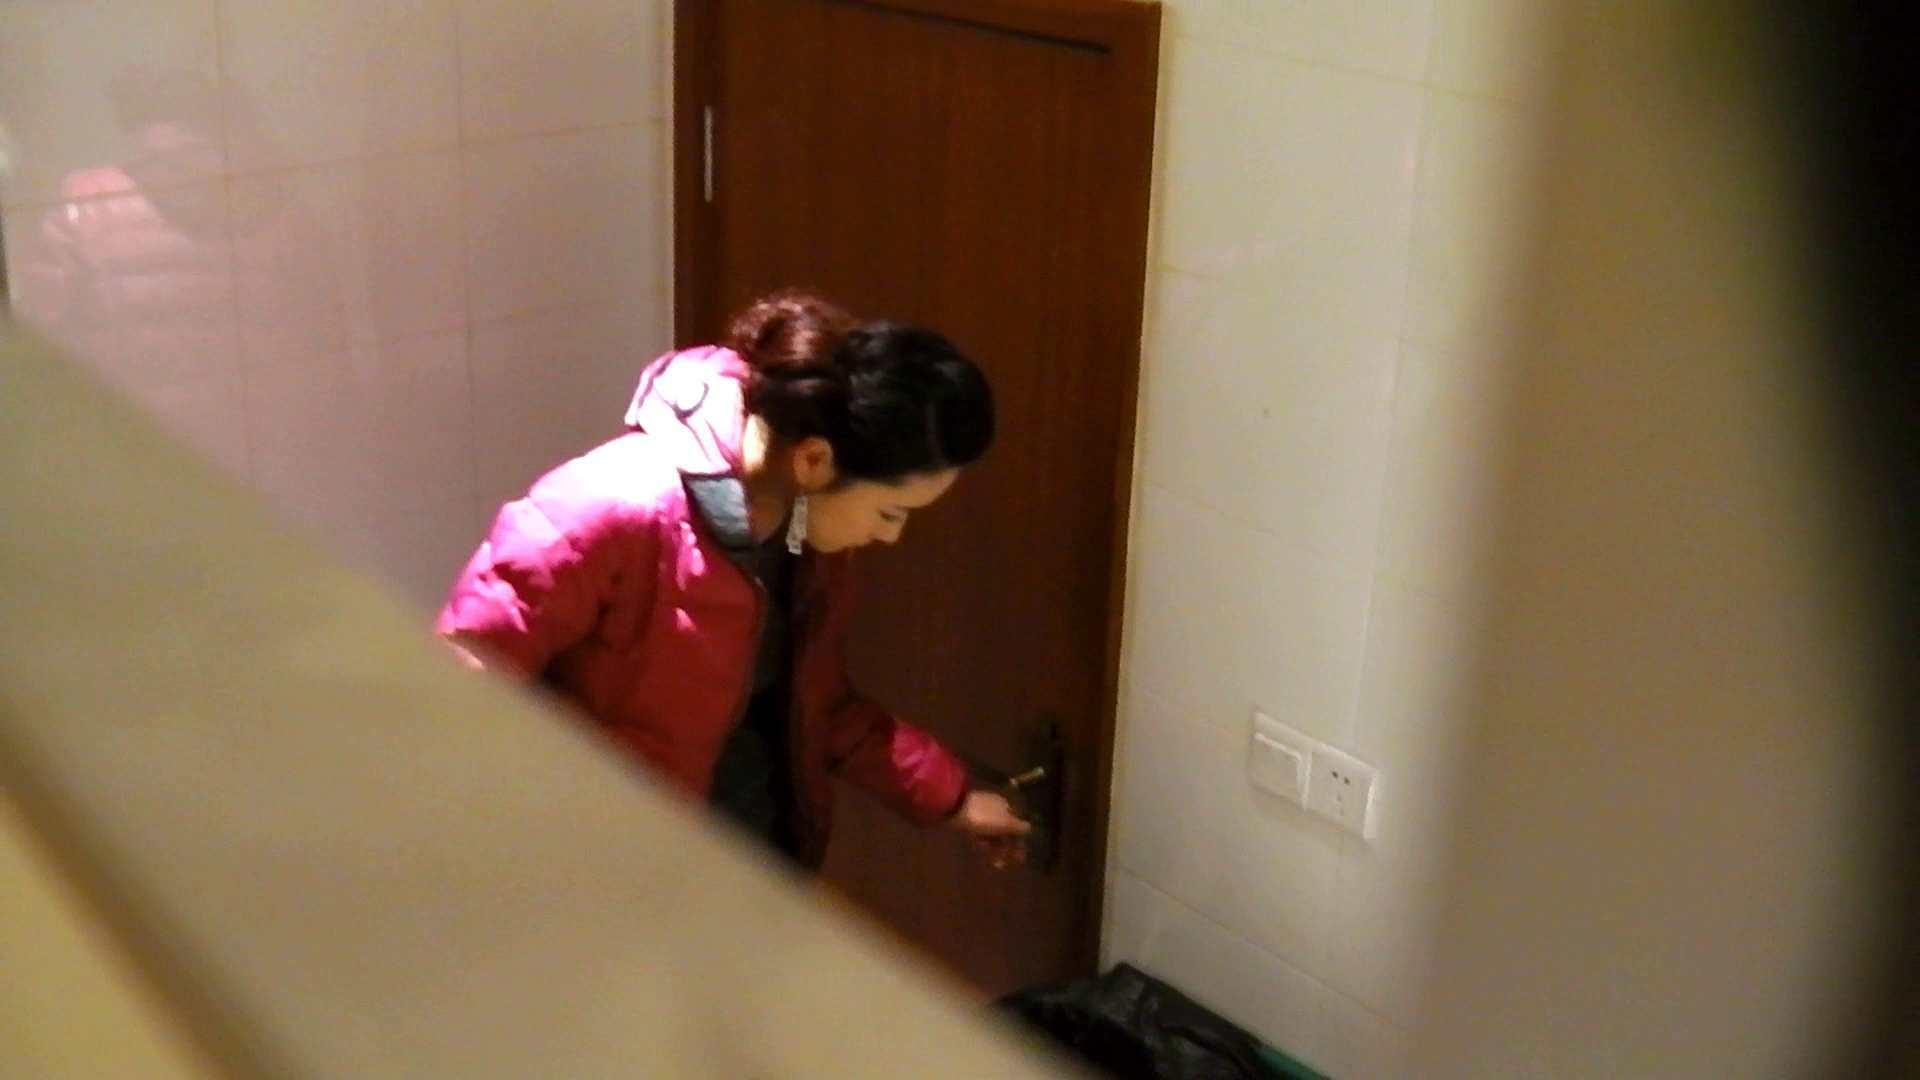 洗寿観音さんの 化粧室は四面楚歌Nol.4 洗面所  55連発 16